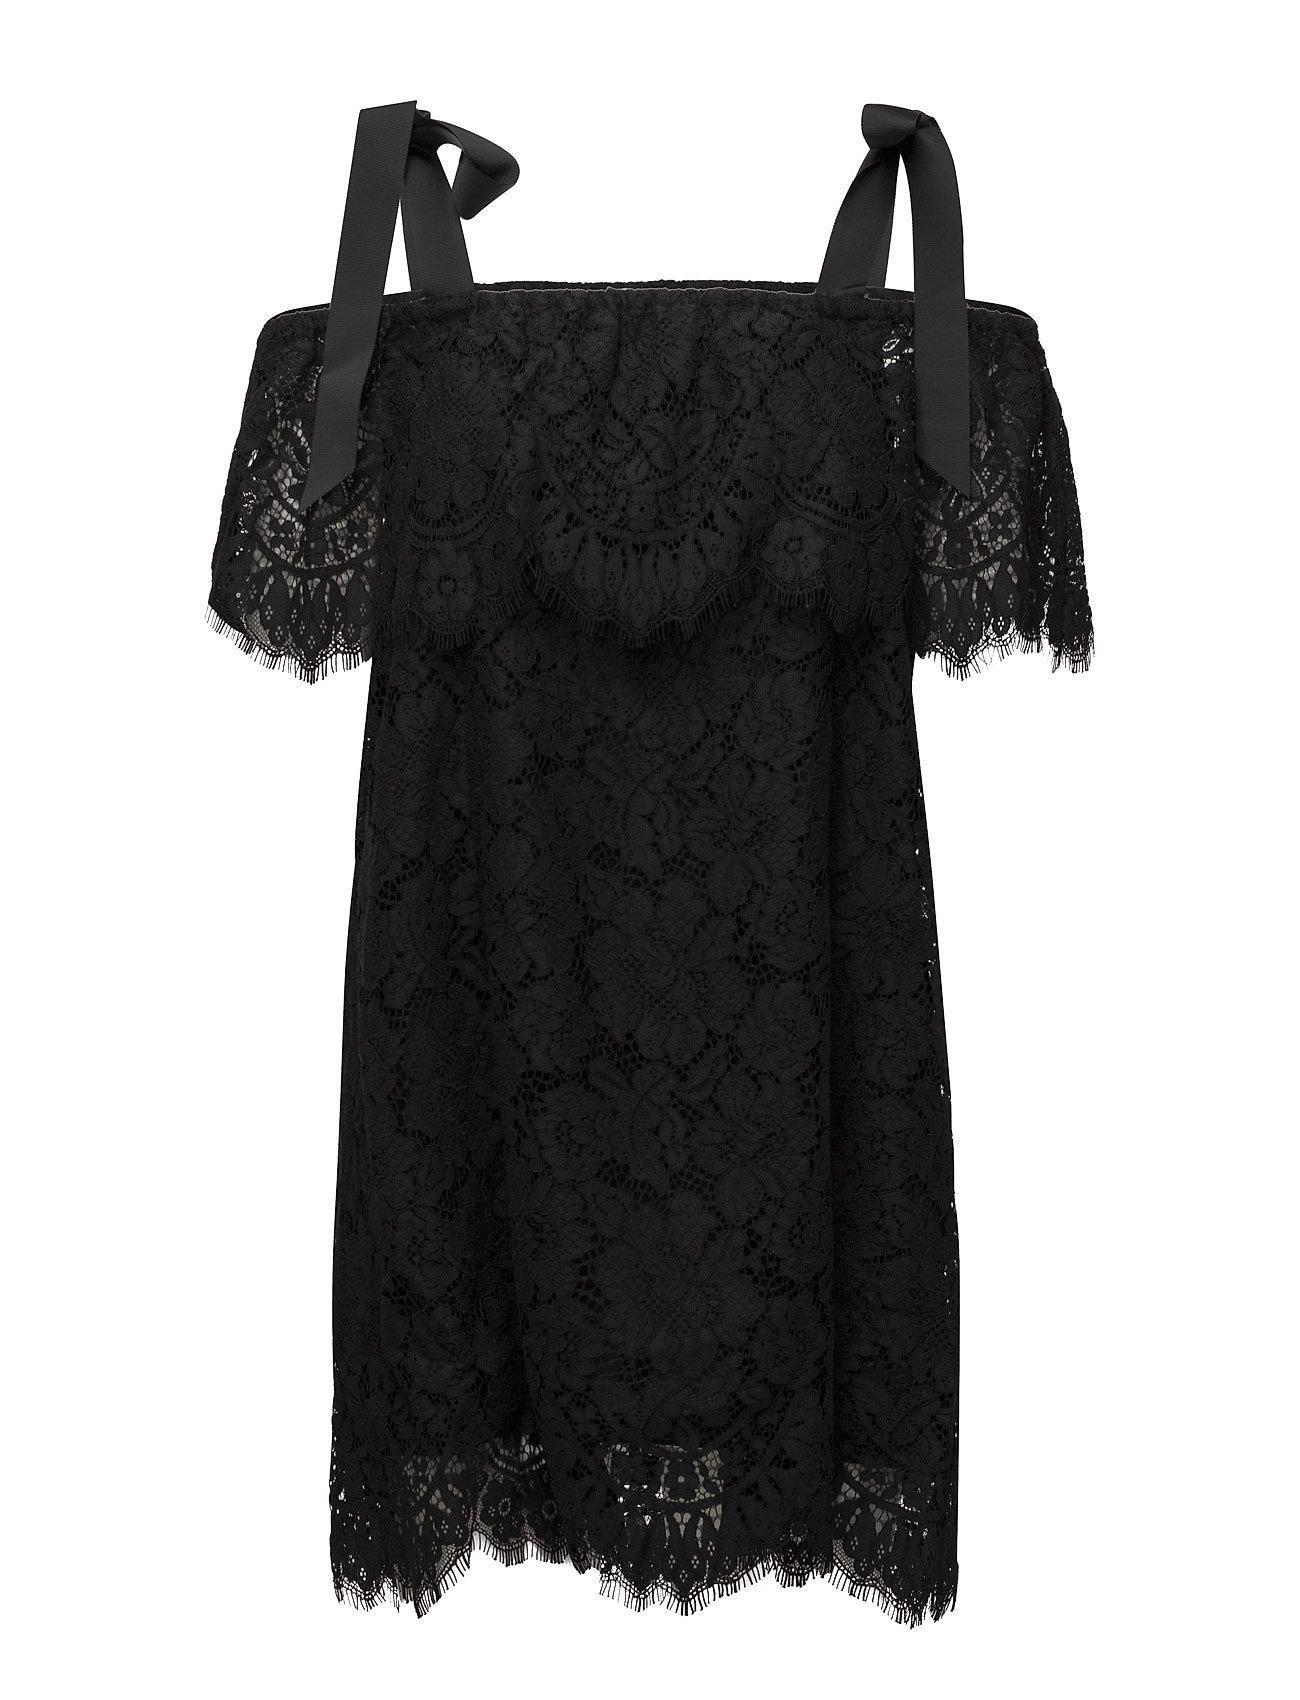 Duval Lace Dress Ganni Dresses thumbnail